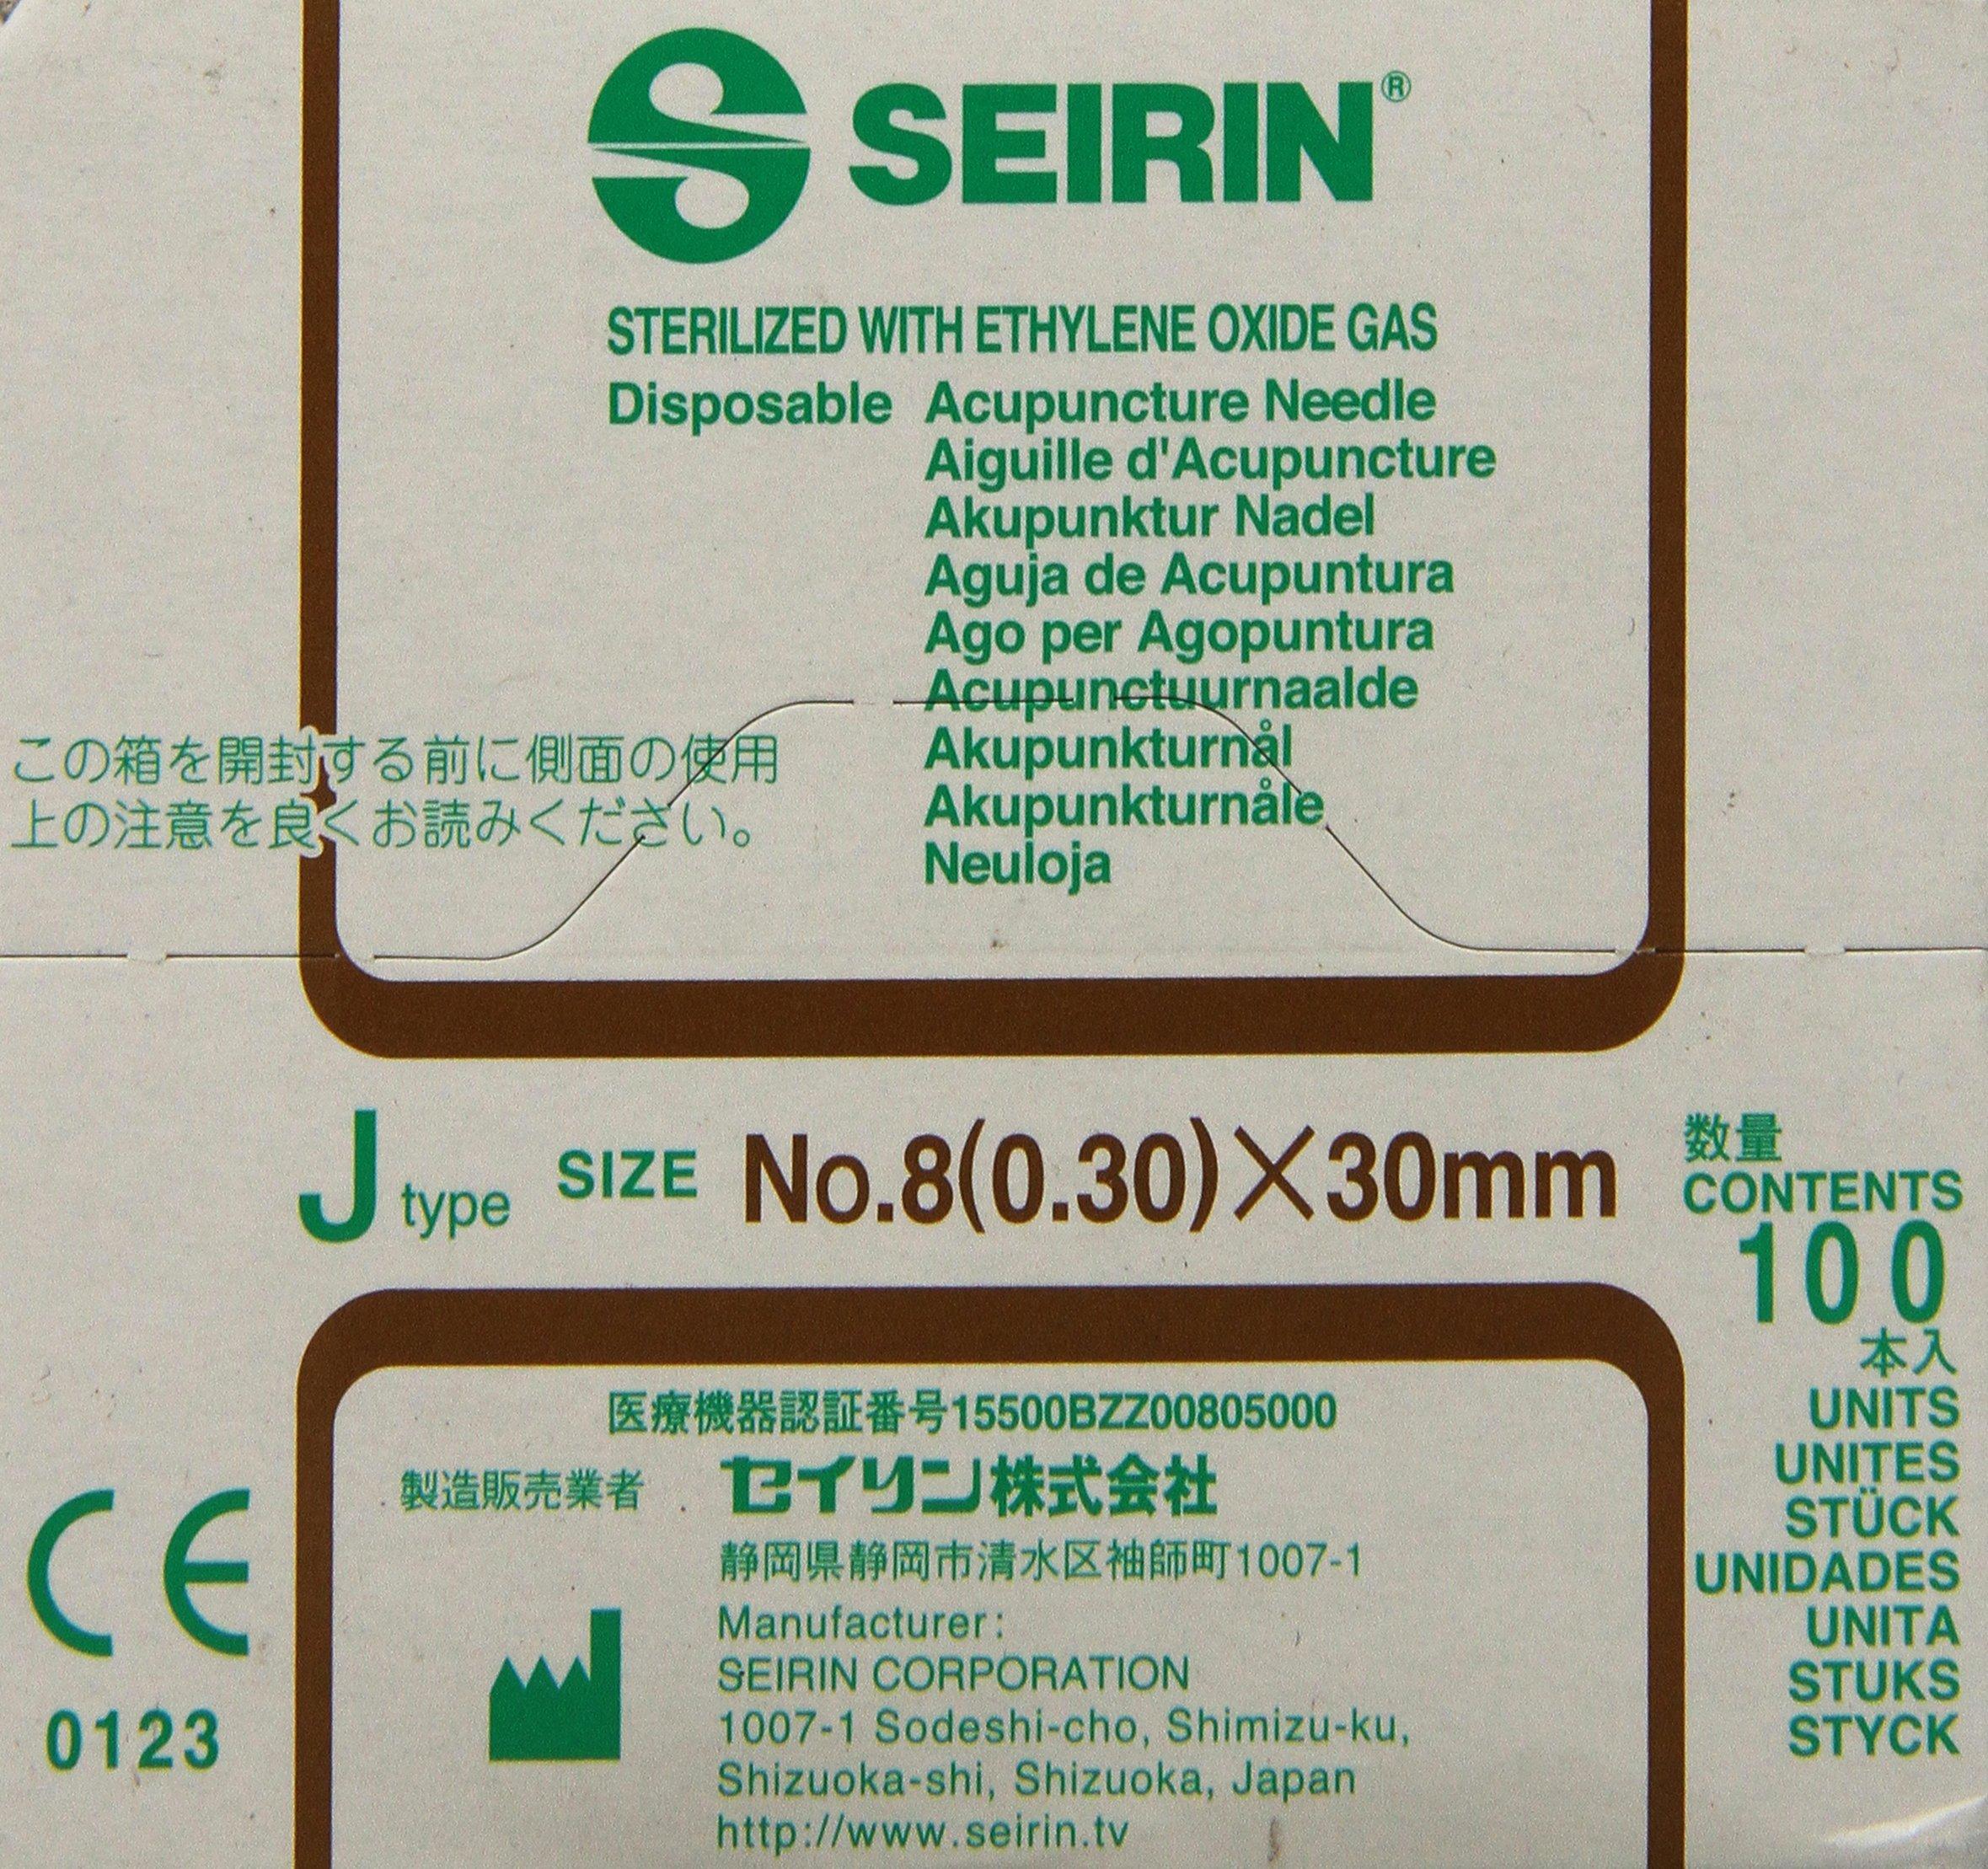 Seirin Accupuncture Needles 0.30mm x 30mm